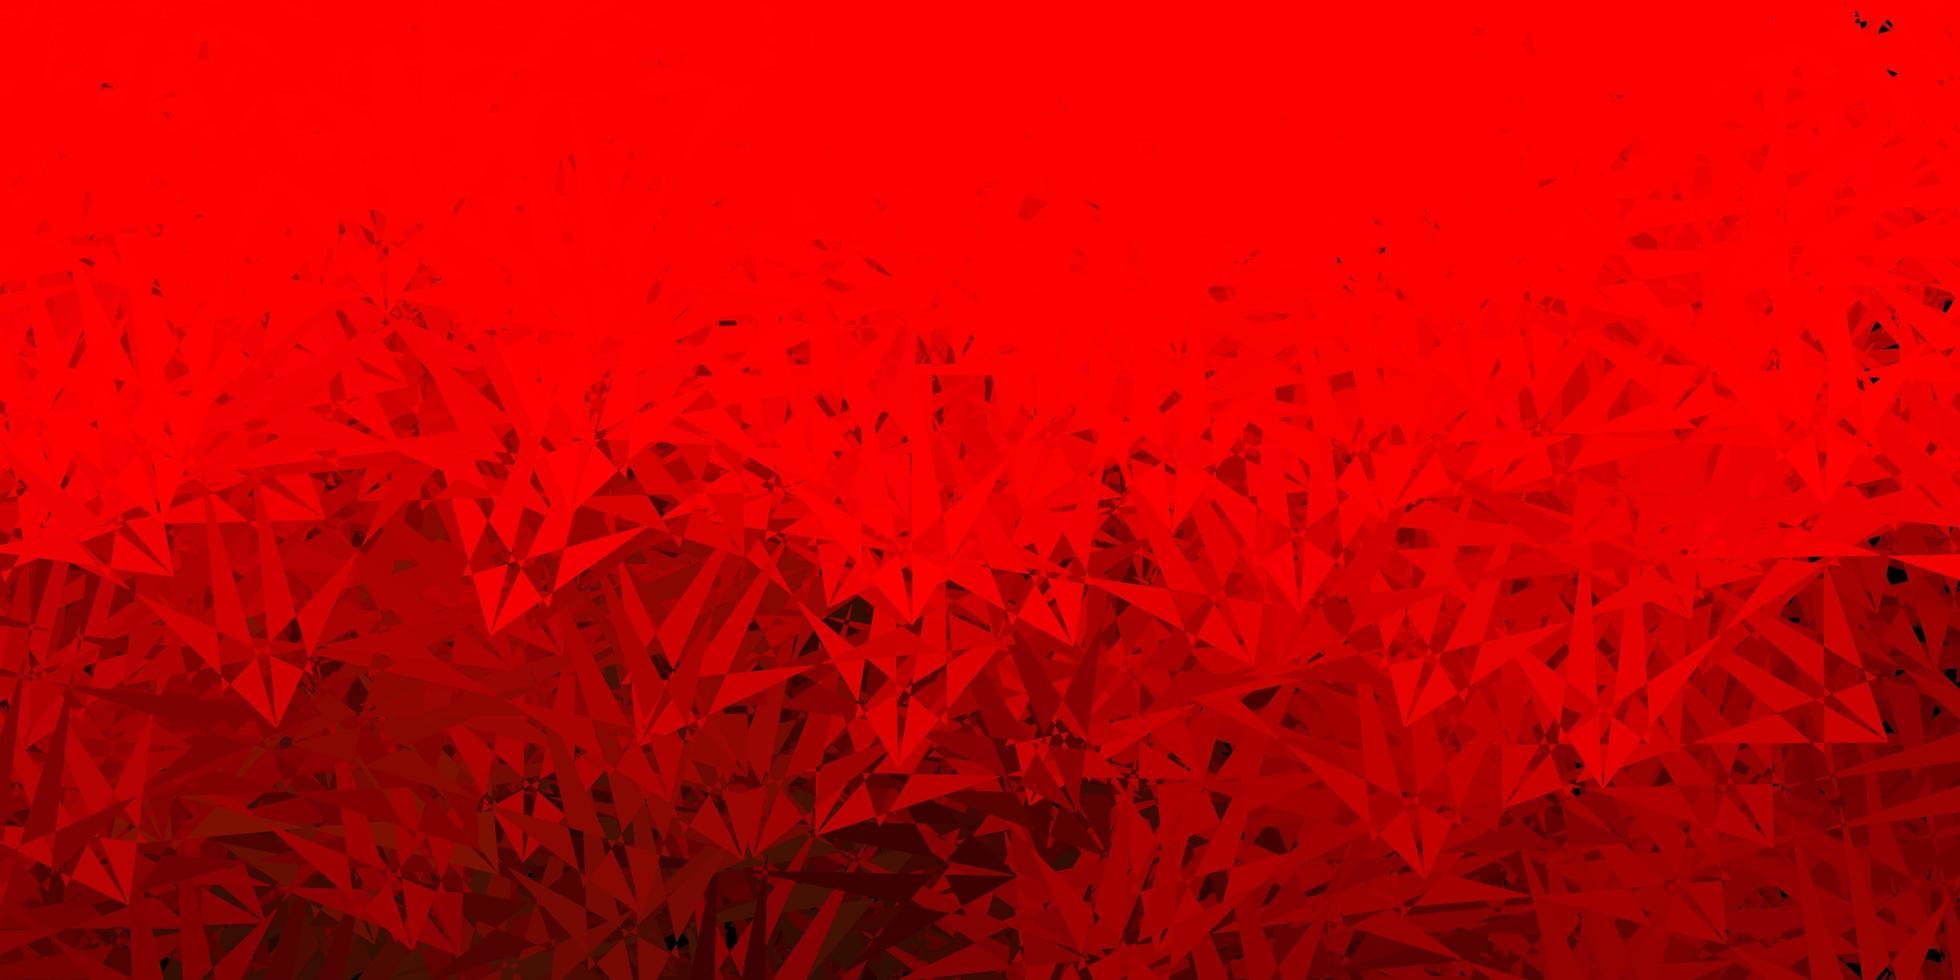 mörk röd mall med triangelformer. vektor